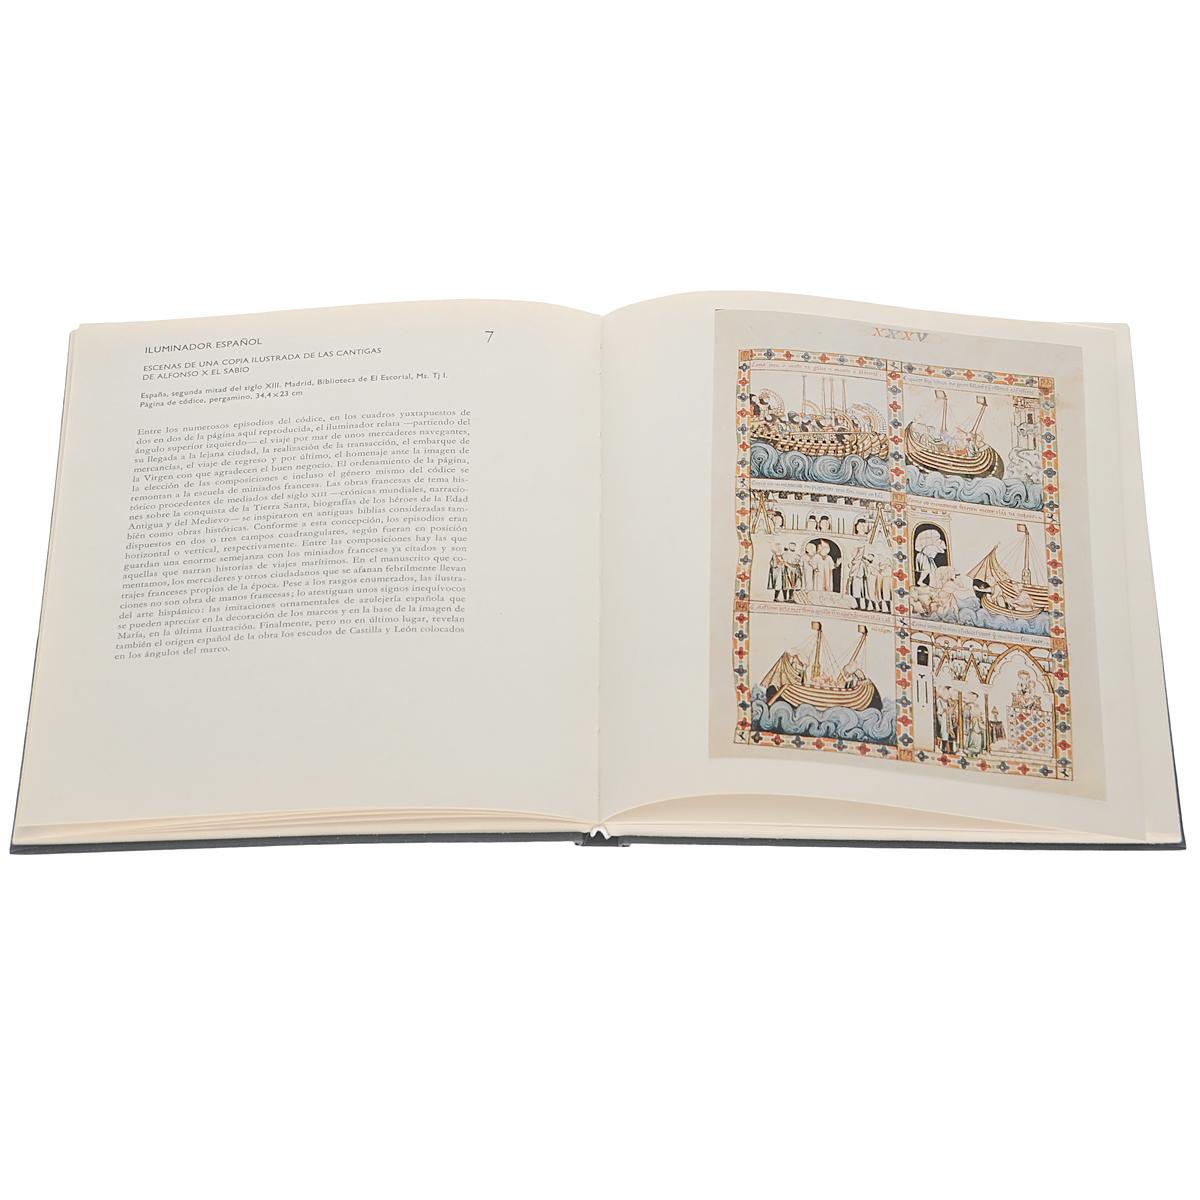 La pintura medieval Espanola